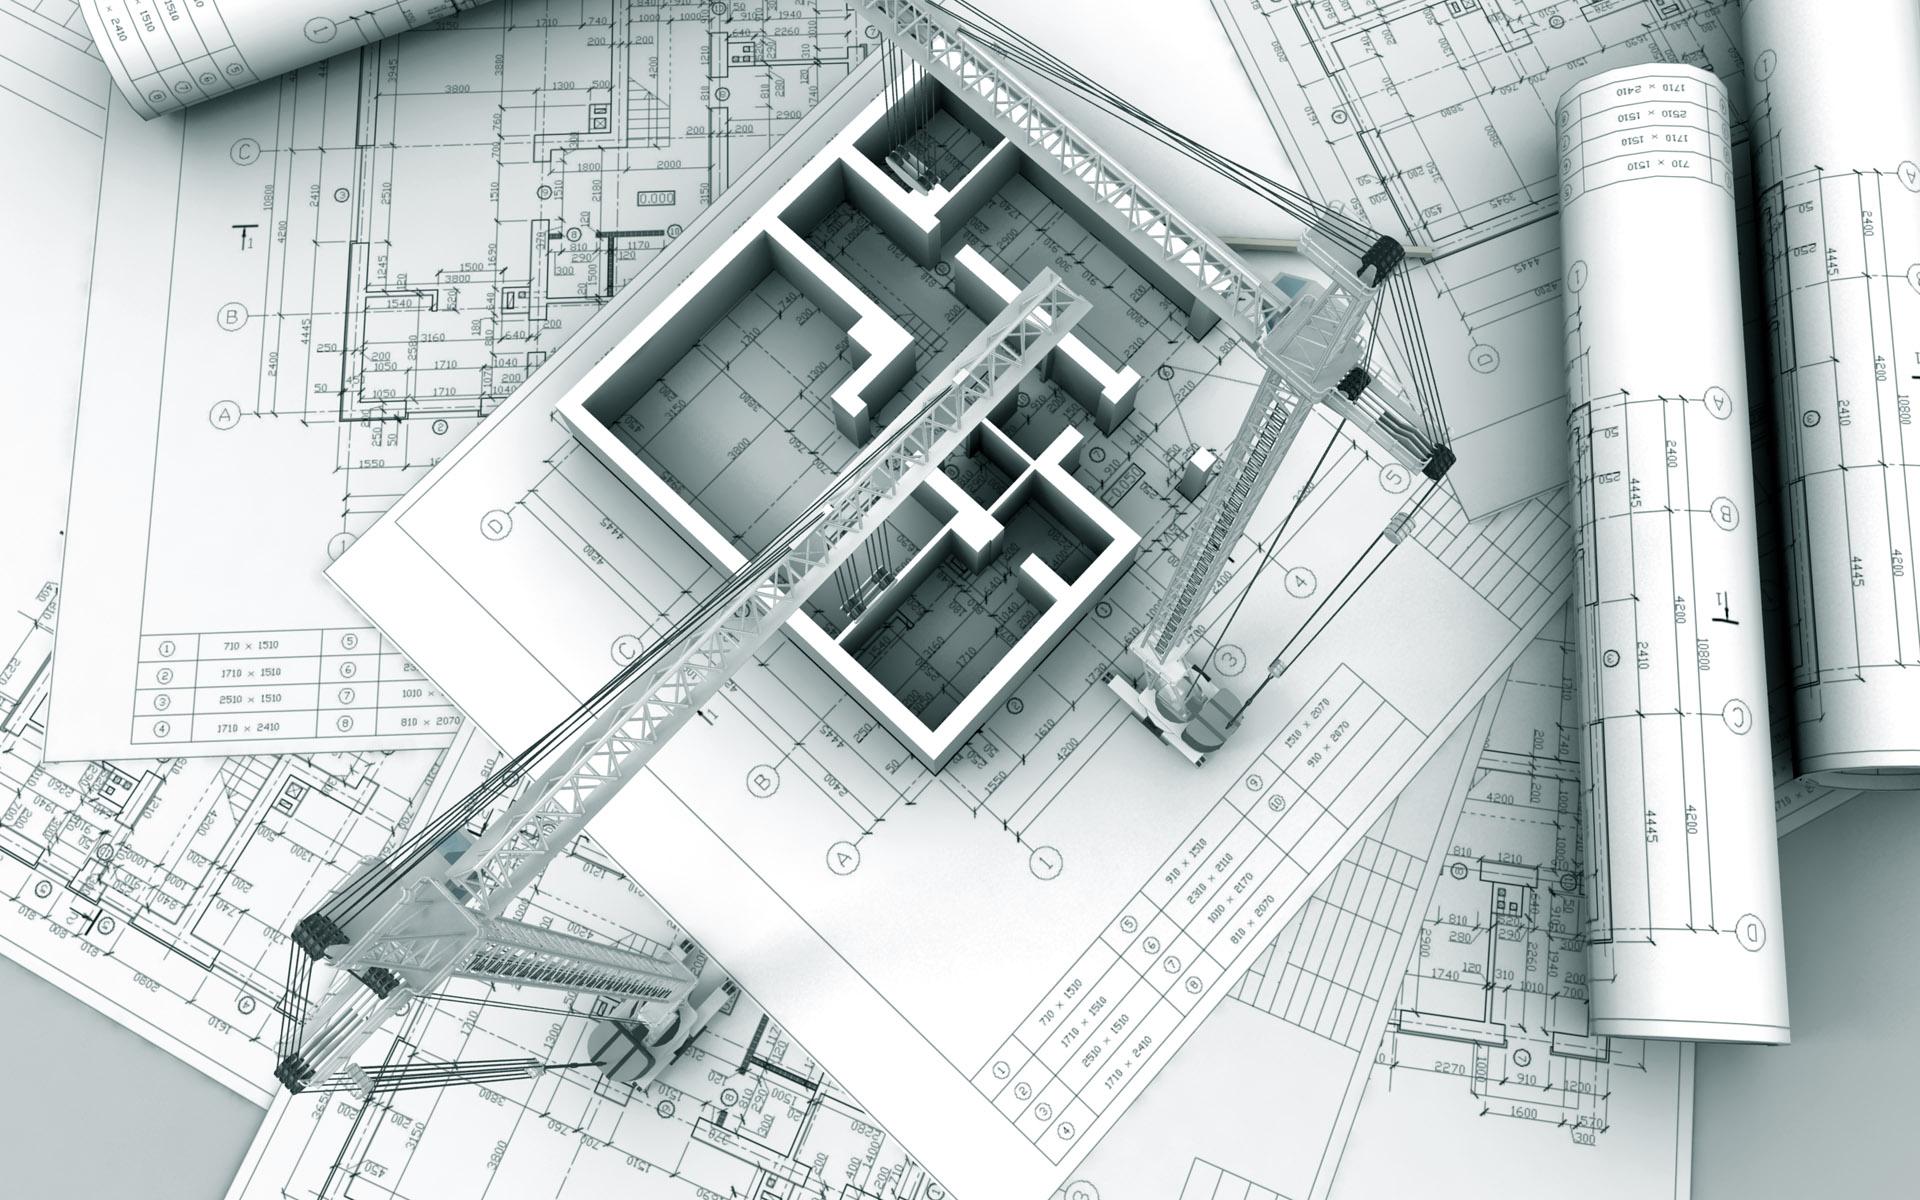 инженерные системы проектирование загрузить